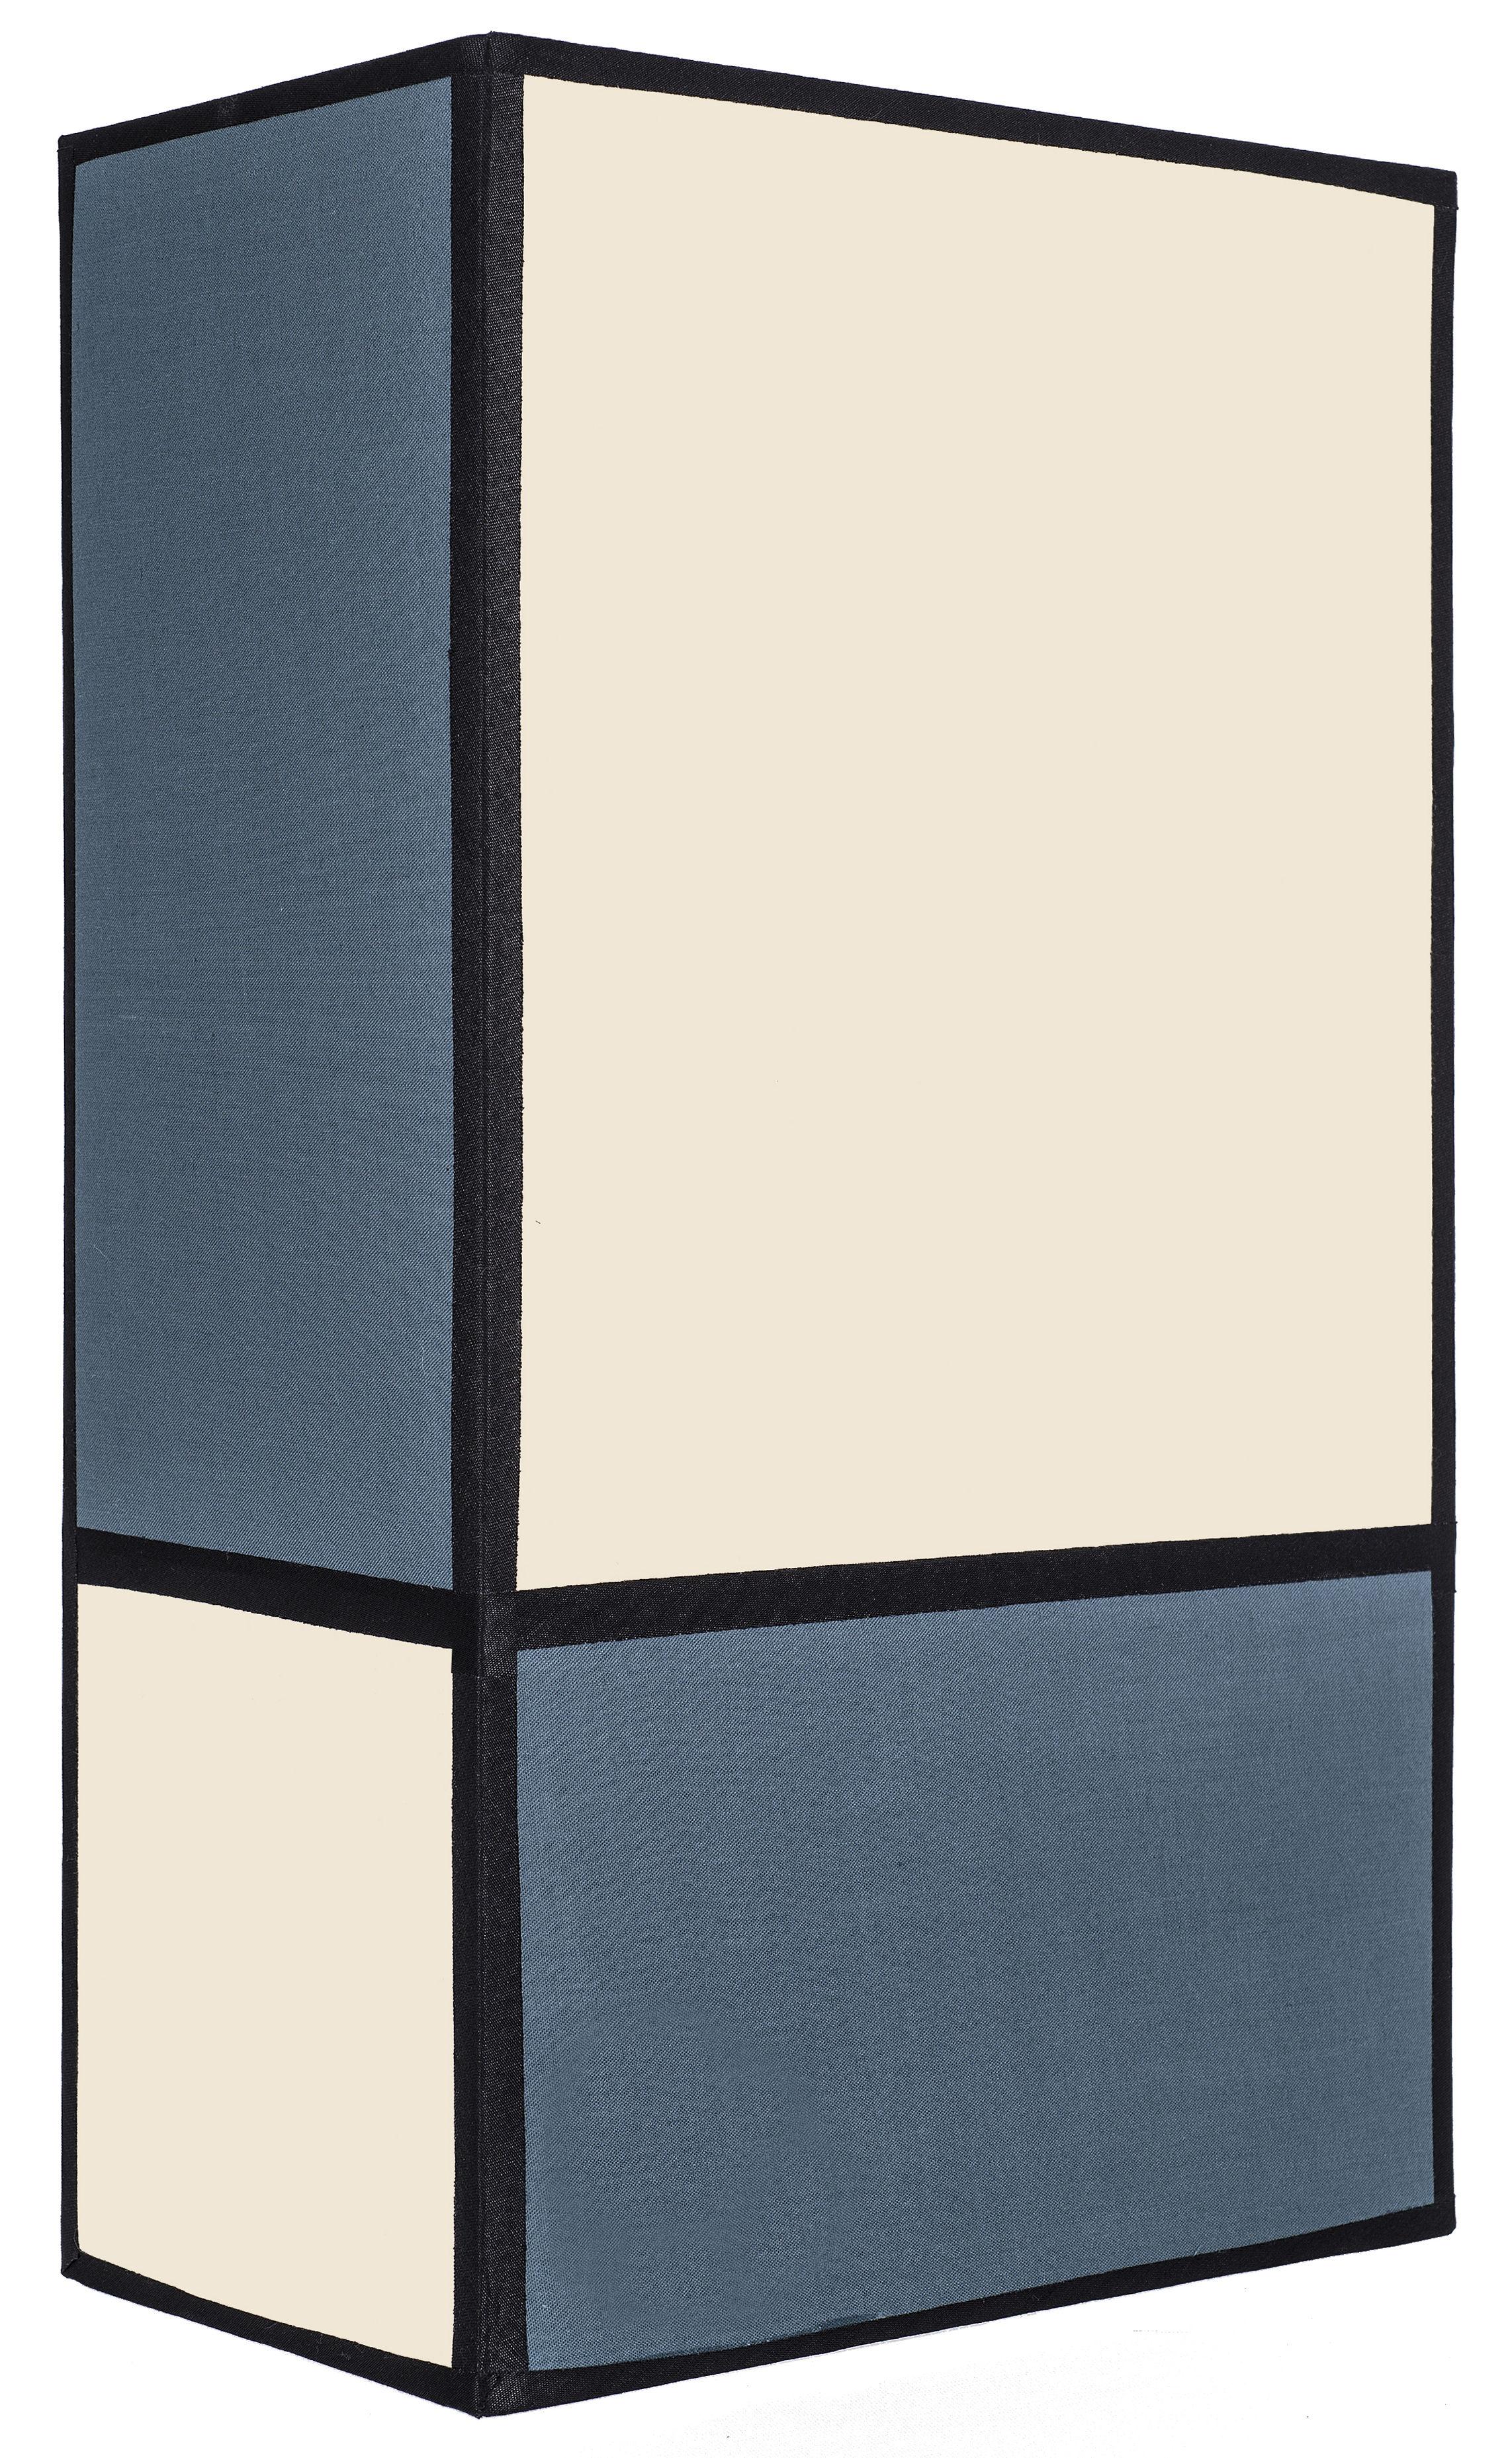 Luminaire - Appliques - Applique Radieuse Large / Non électrifiée - Coton - Maison Sarah Lavoine - Coton / Bleu - Coton, Métal